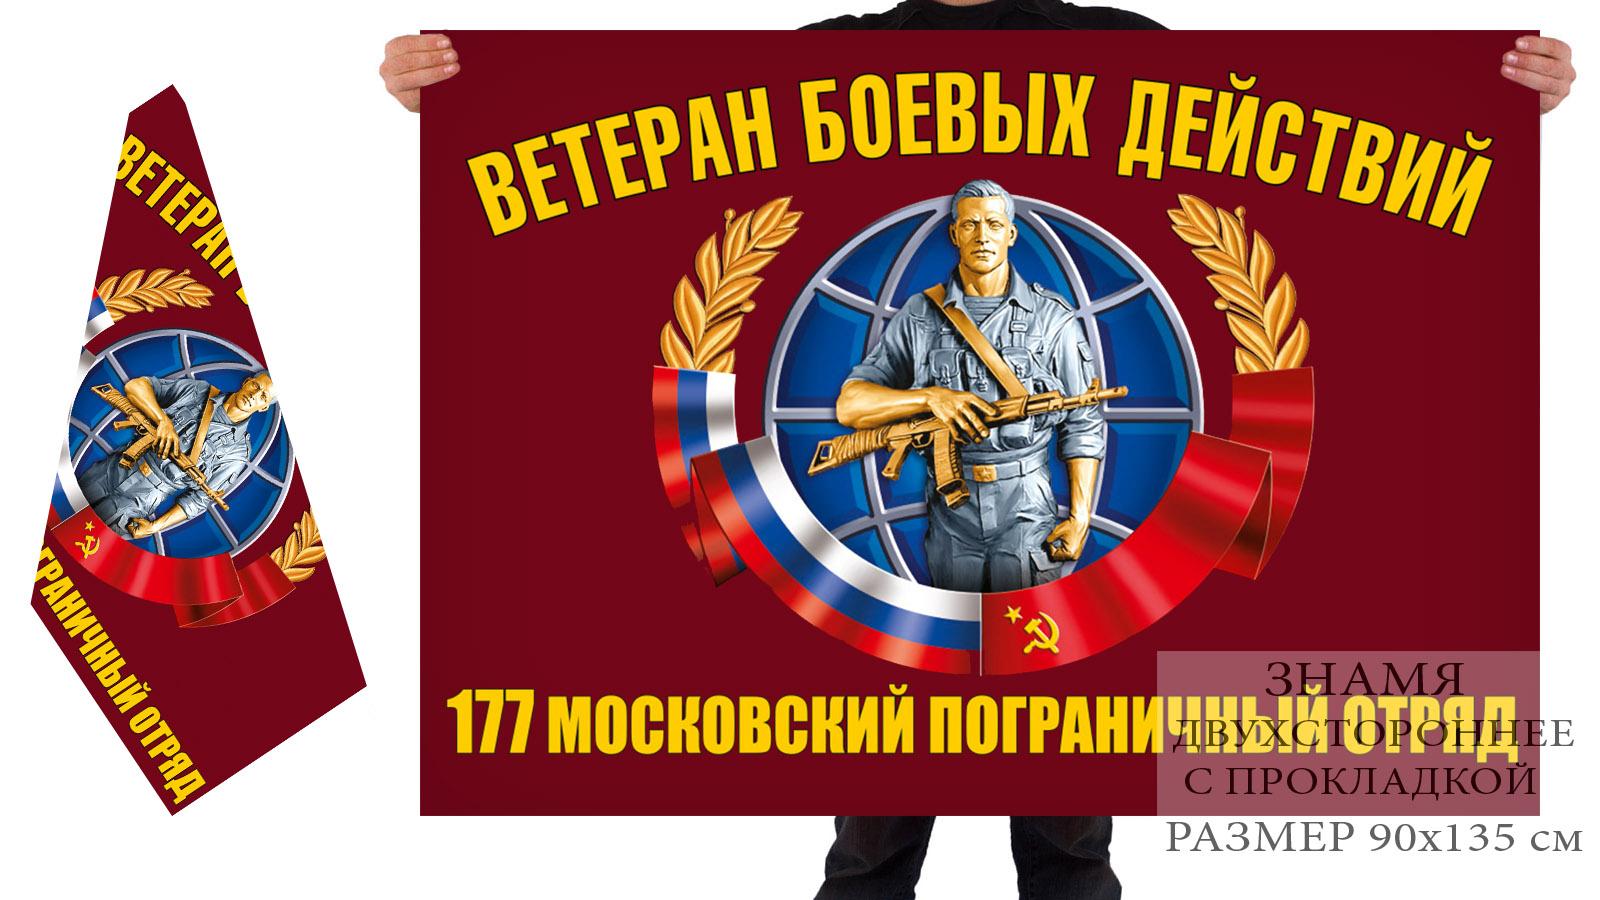 Двусторонний флаг ветеранов боевых действий 177 Московского погранотряда